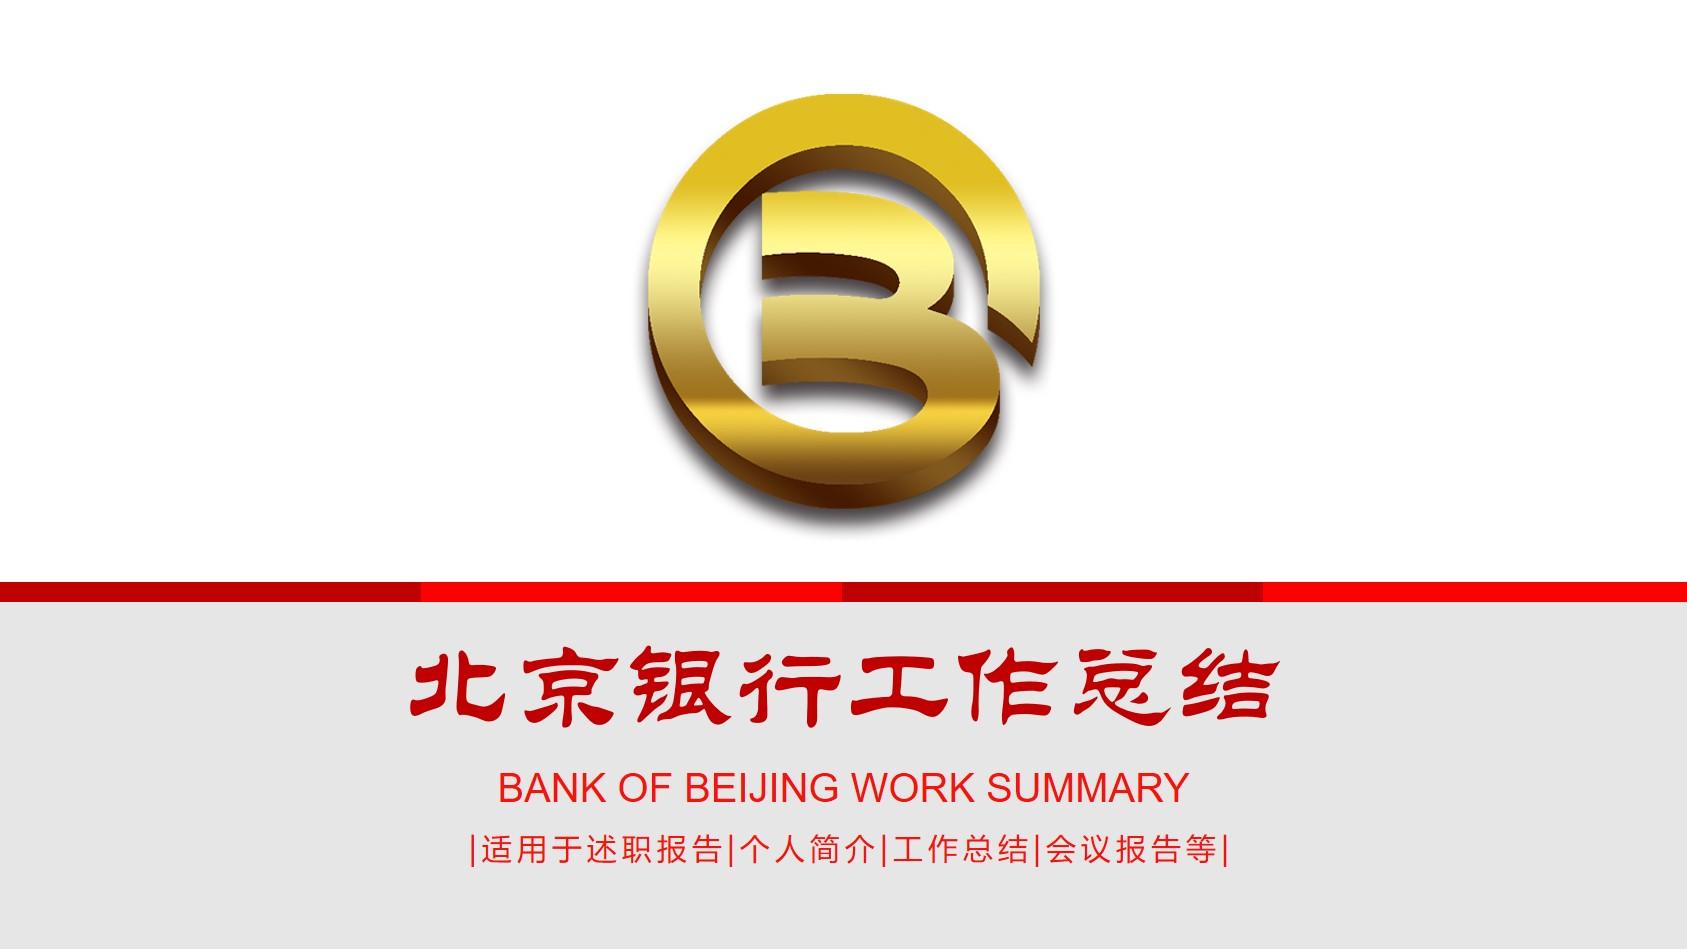 金色北京银行标志工作总结PPT模板 银行专用工作总结PPT模板